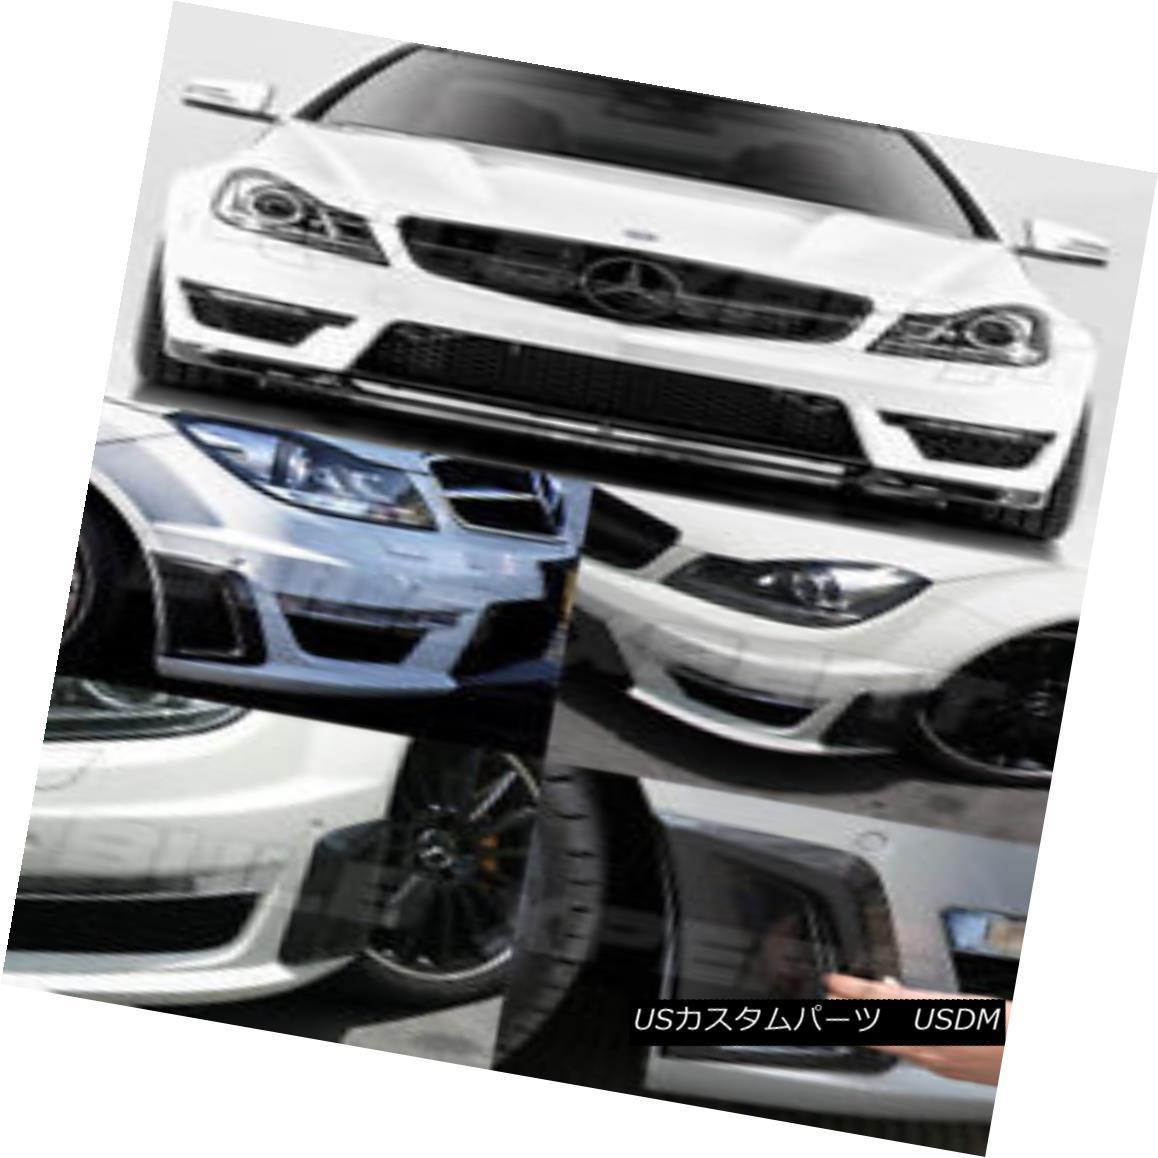 エアロパーツ FOR 2012-2014 MERCEDEZ BENZ W204 C63 CARBON FIBER FRONT BUMPER SIDE VENT COVER 2012年?2014年メルセデスベンツW204 C63カーボンファイバーフロントバンパーサイドベントカバー